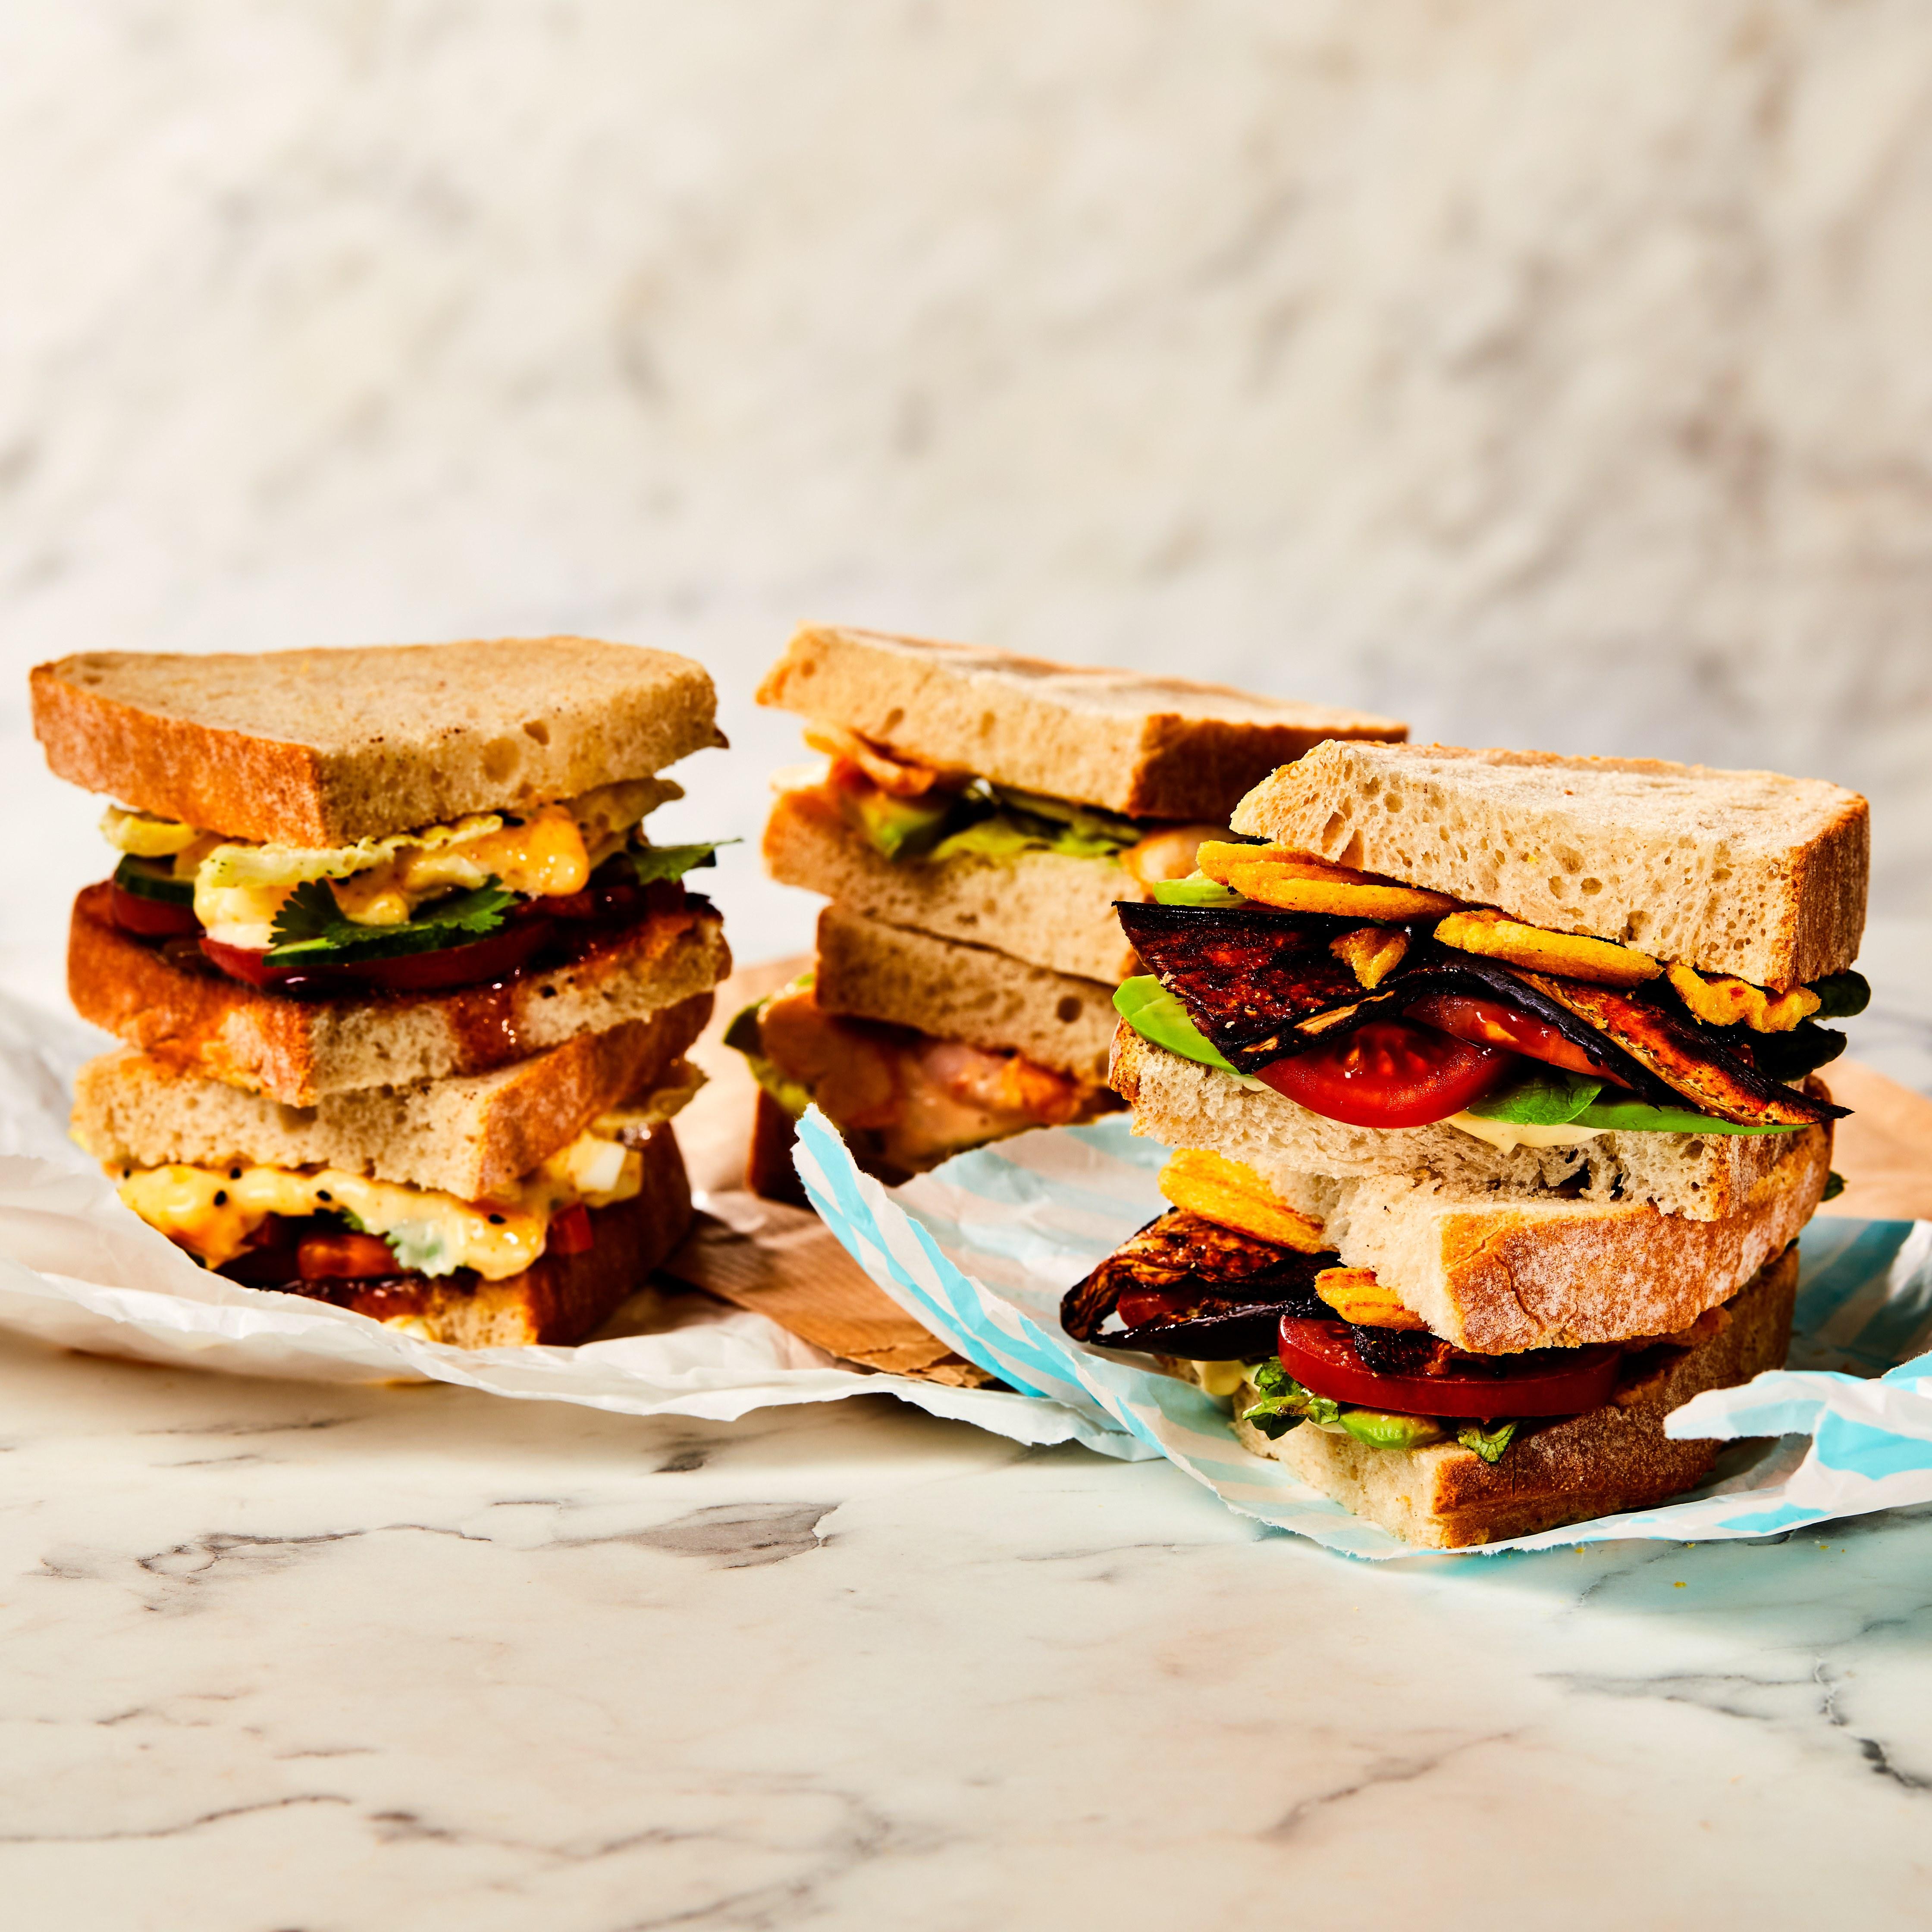 Crisp sandwiches